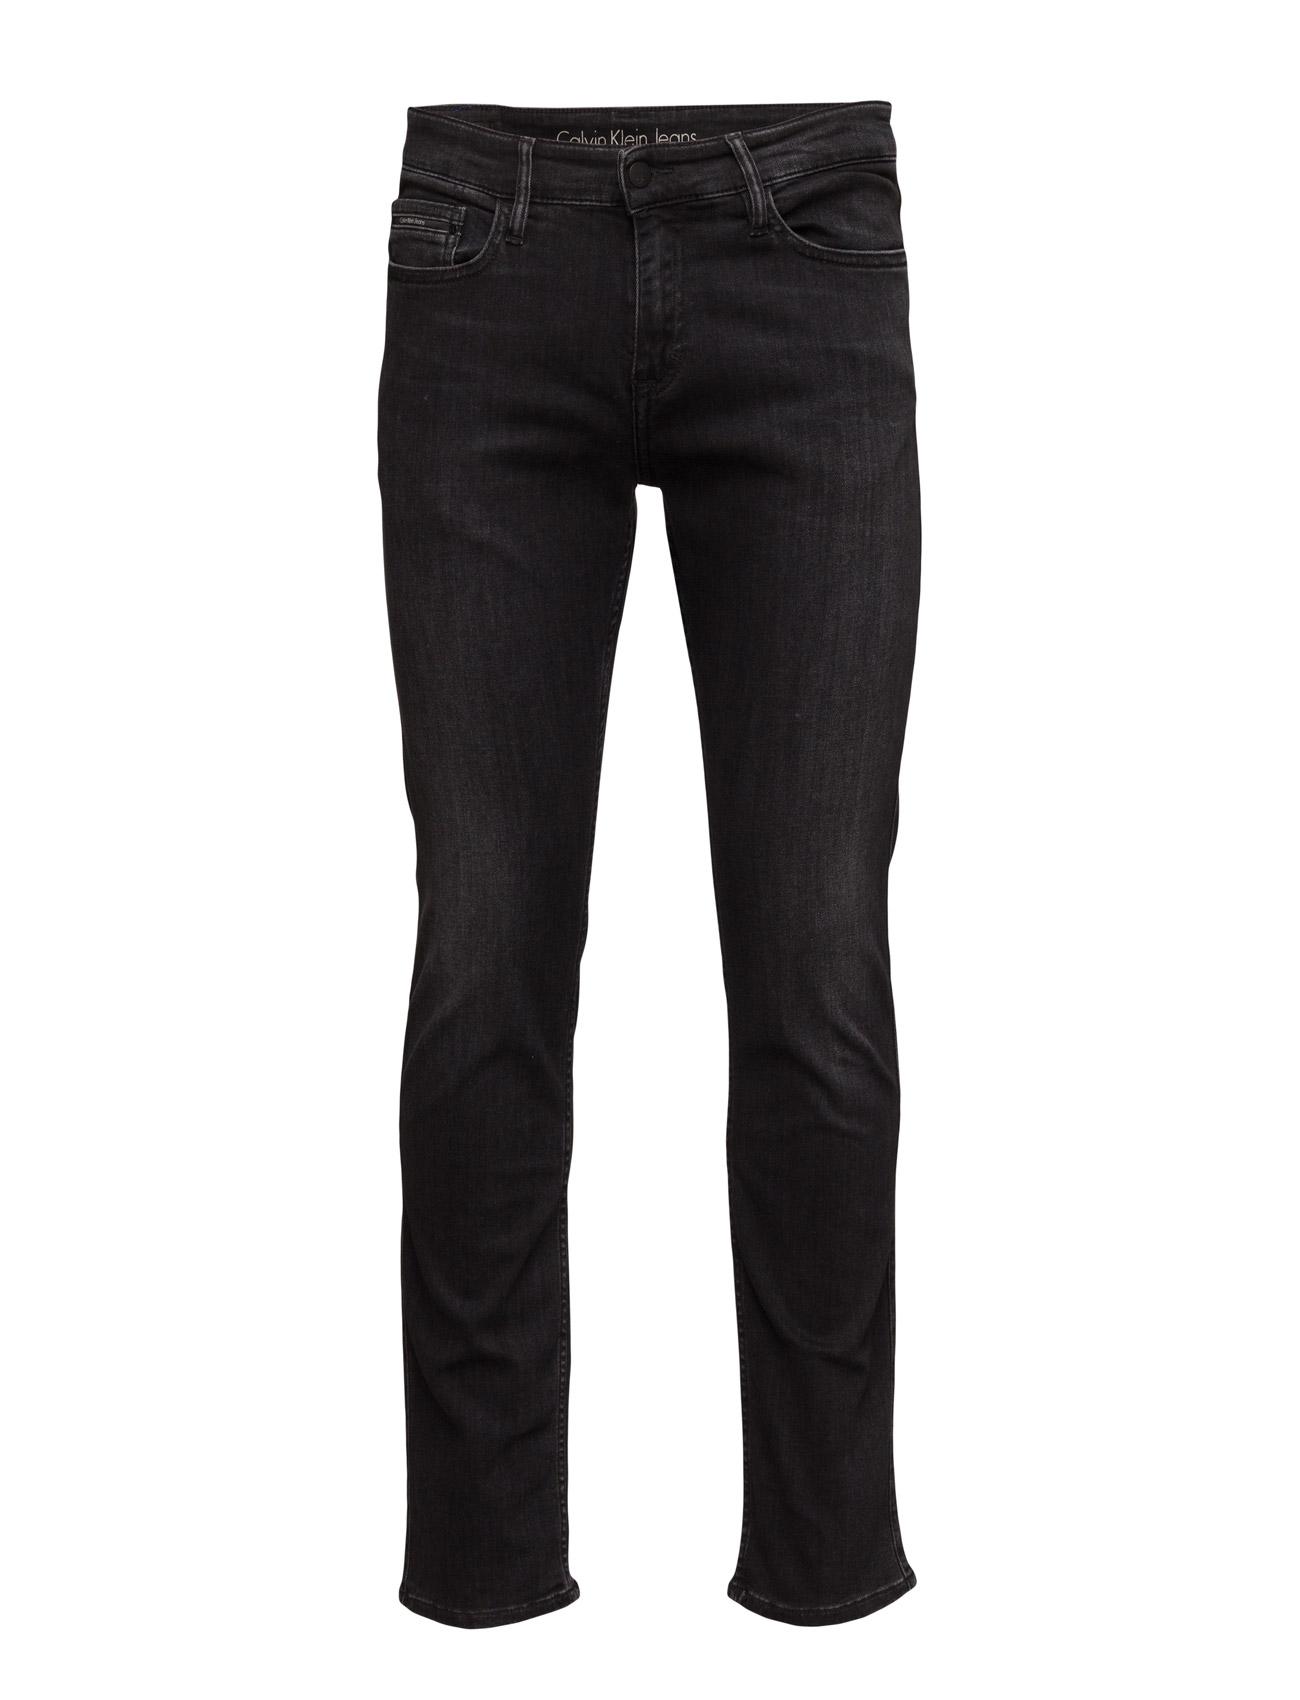 Slim straight - elas fra calvin klein jeans på boozt.com dk